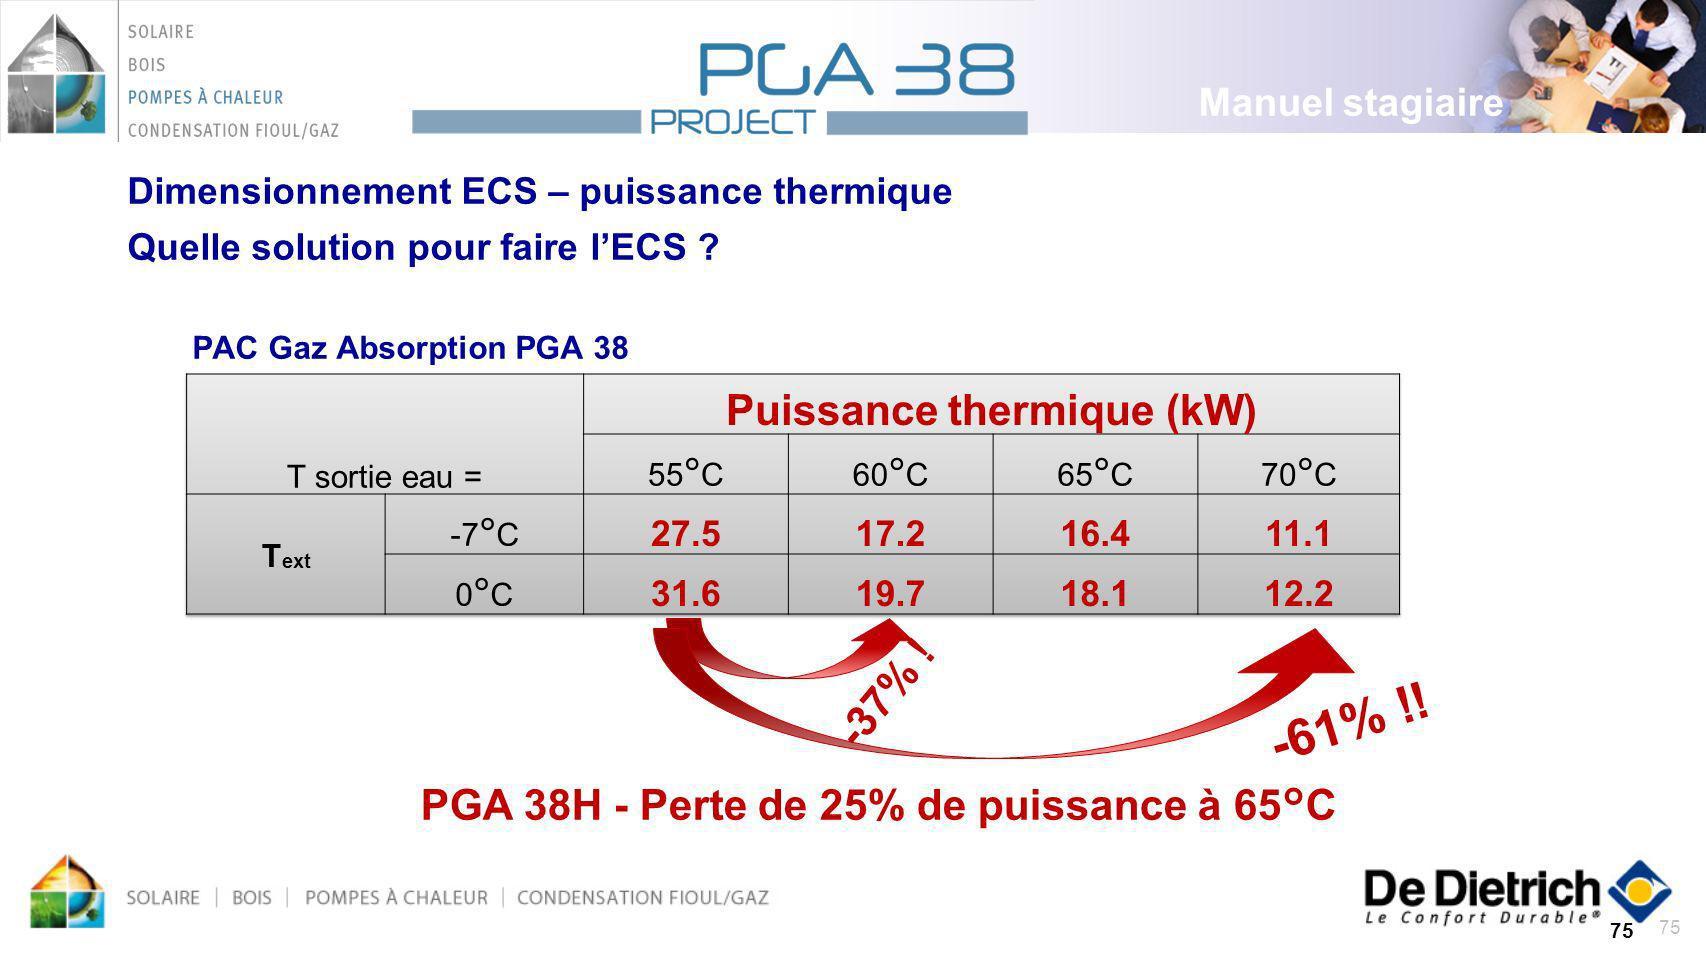 75 PAC Gaz Absorption PGA 38 75 Dimensionnement ECS – puissance thermique Quelle solution pour faire lECS ? -37% ! -61% !! PGA 38H - Perte de 25% de p